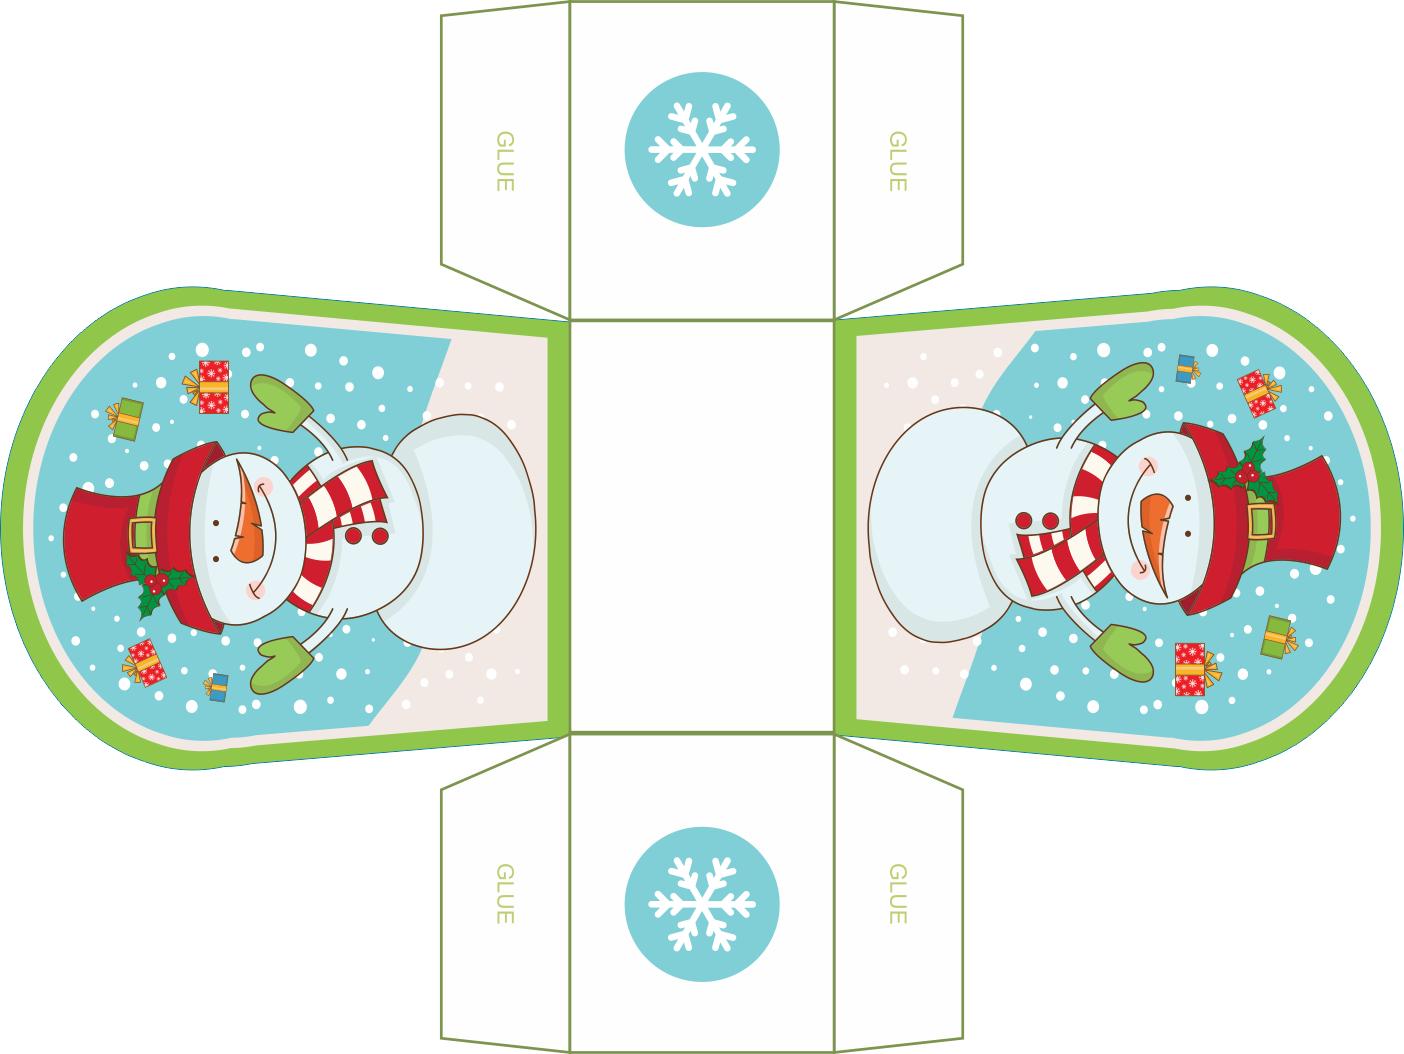 25 Days Of Christmas By Alenka S Printalbes 25 Days Of Christmas Christmas Bags Christmas